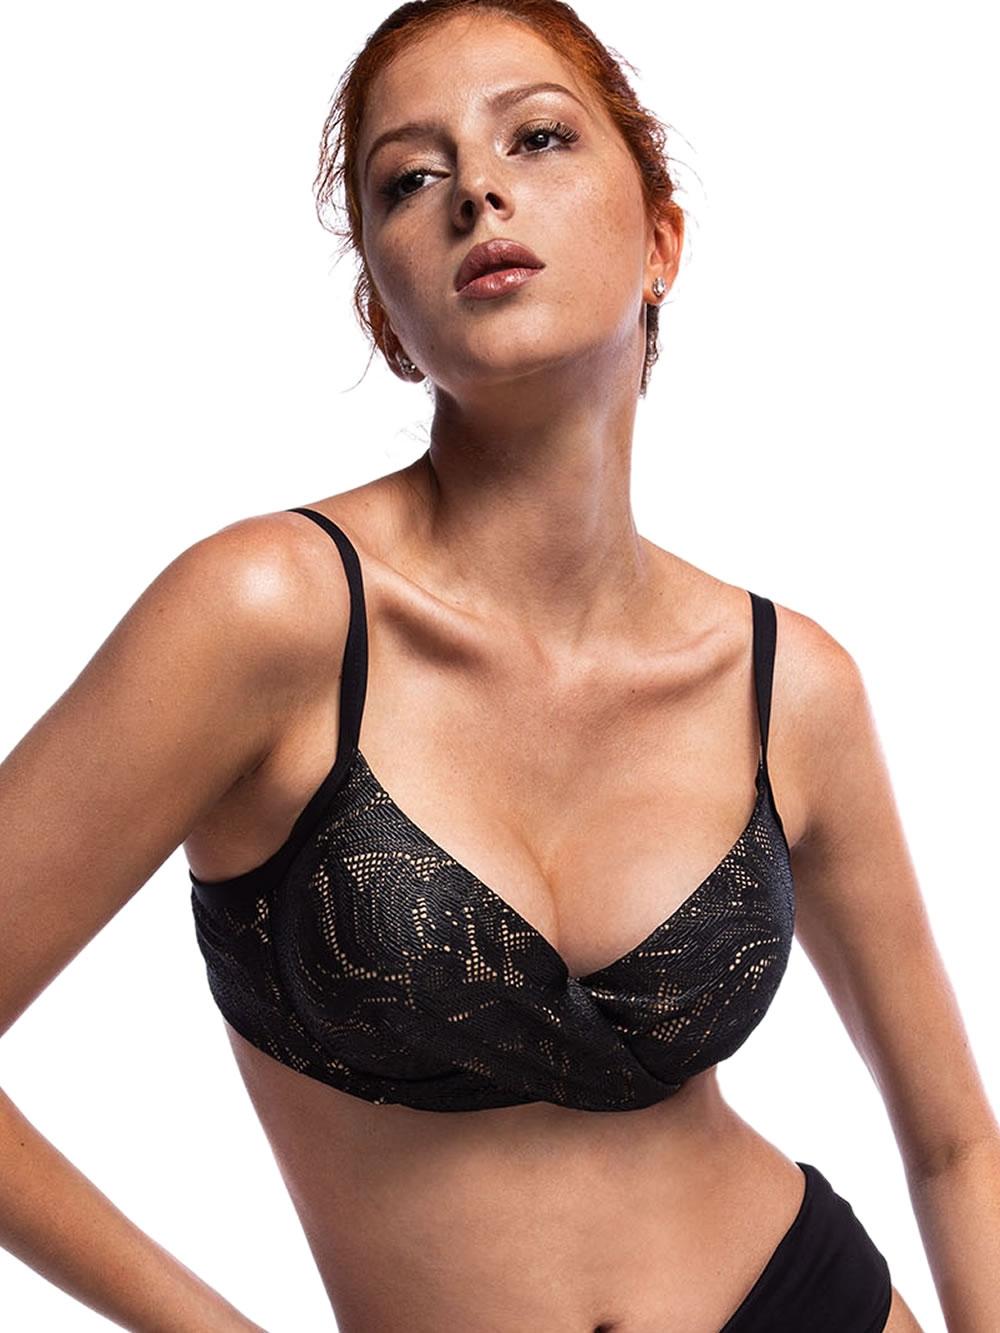 Μαγιό BLUEPOINT Bra Black Lace - Μεγάλο Στήθος - Ενίσχυση & Μπανέλα